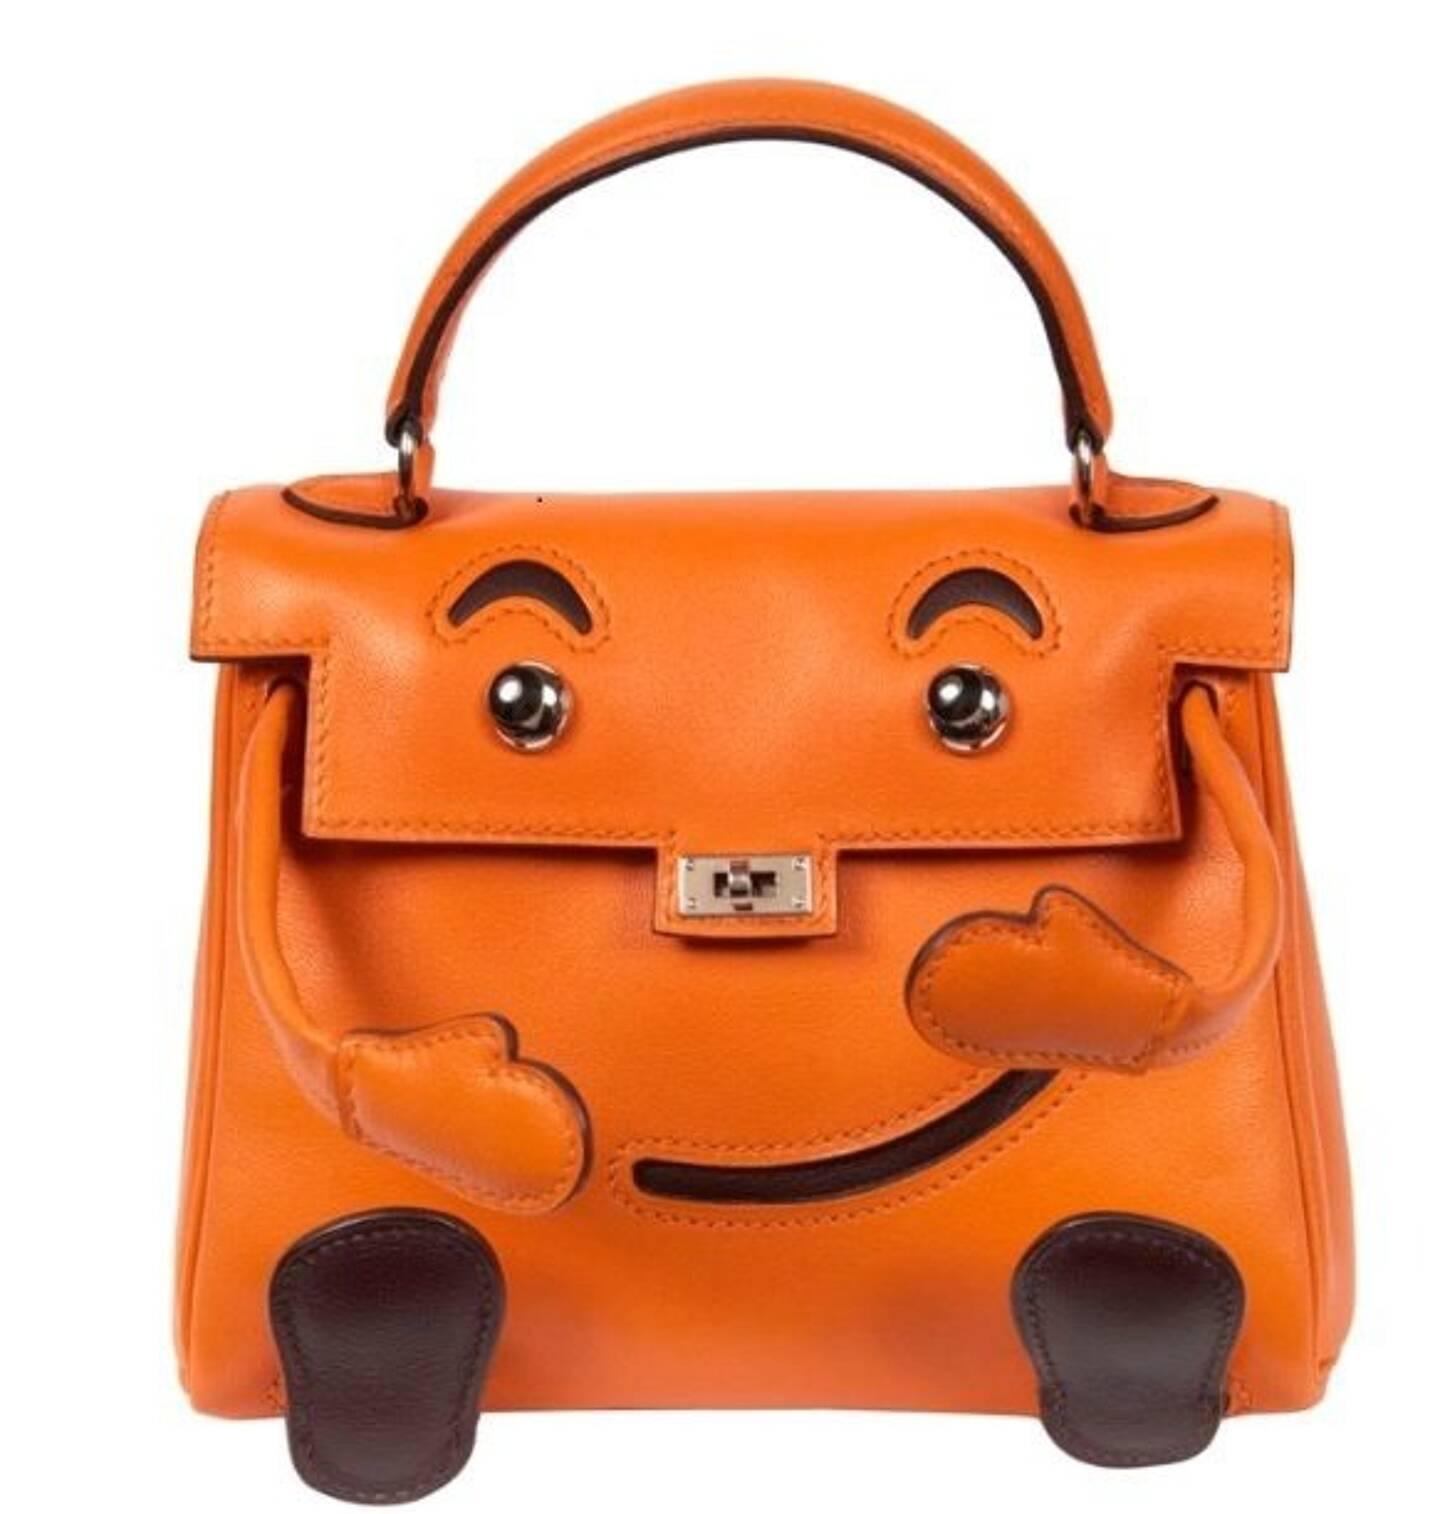 Edition Limitée 2000 de ce mini-sac en veau orange et marron. Estimation: entre 10.000 et 15.000 euros.